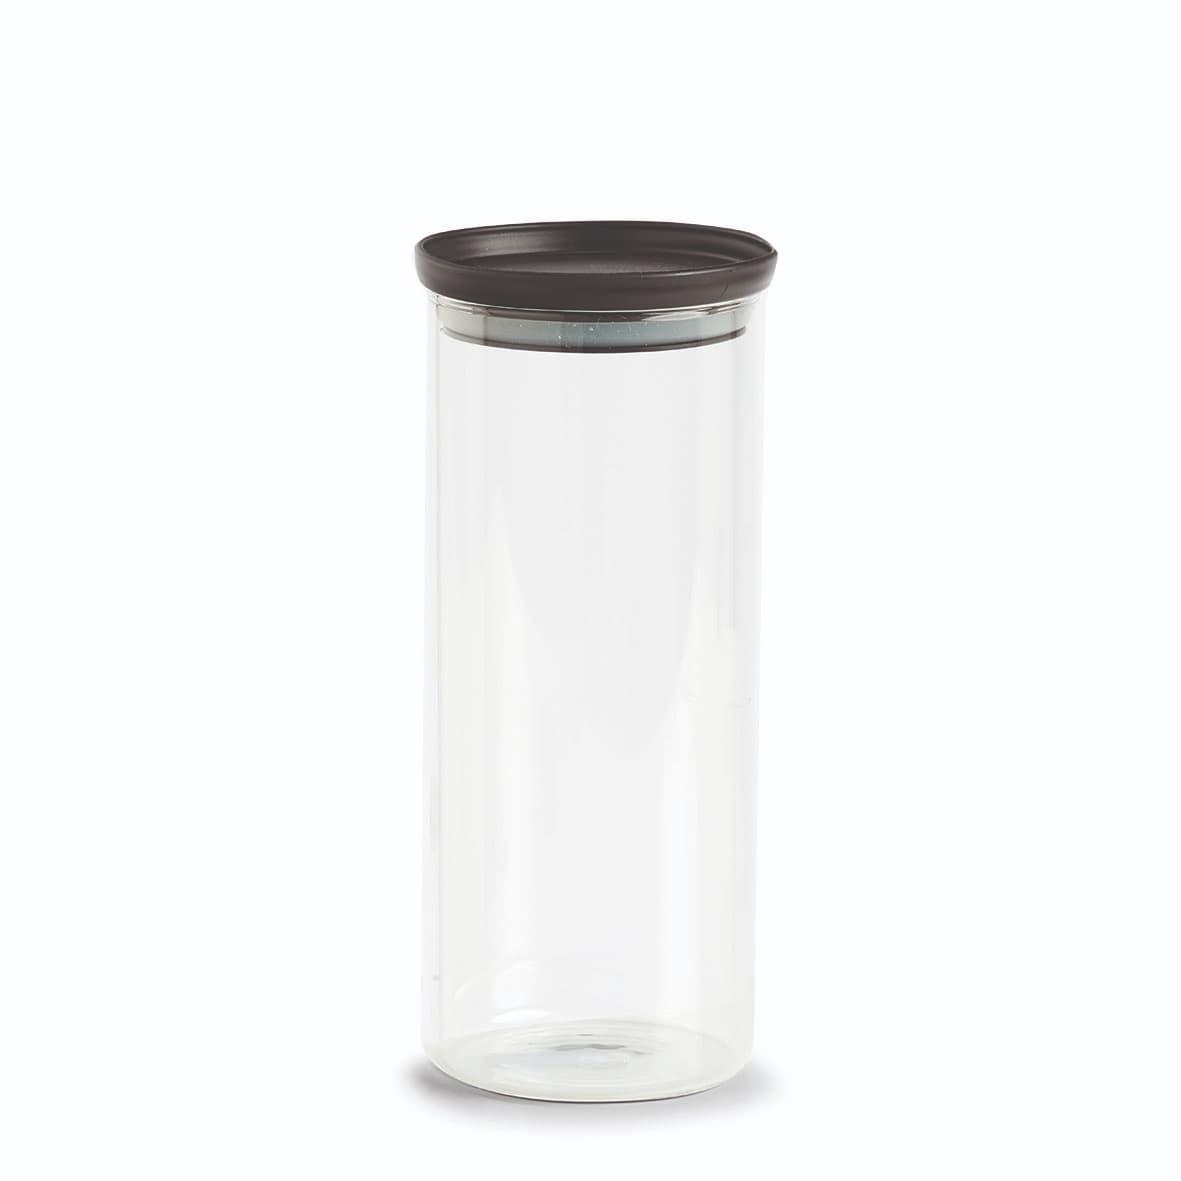 Recipient pentru depozitare cu capac etans, din sticla, Classic Tall Transparent / Negru, 1250 ml, Ø10,3xH23,6 cm imagine